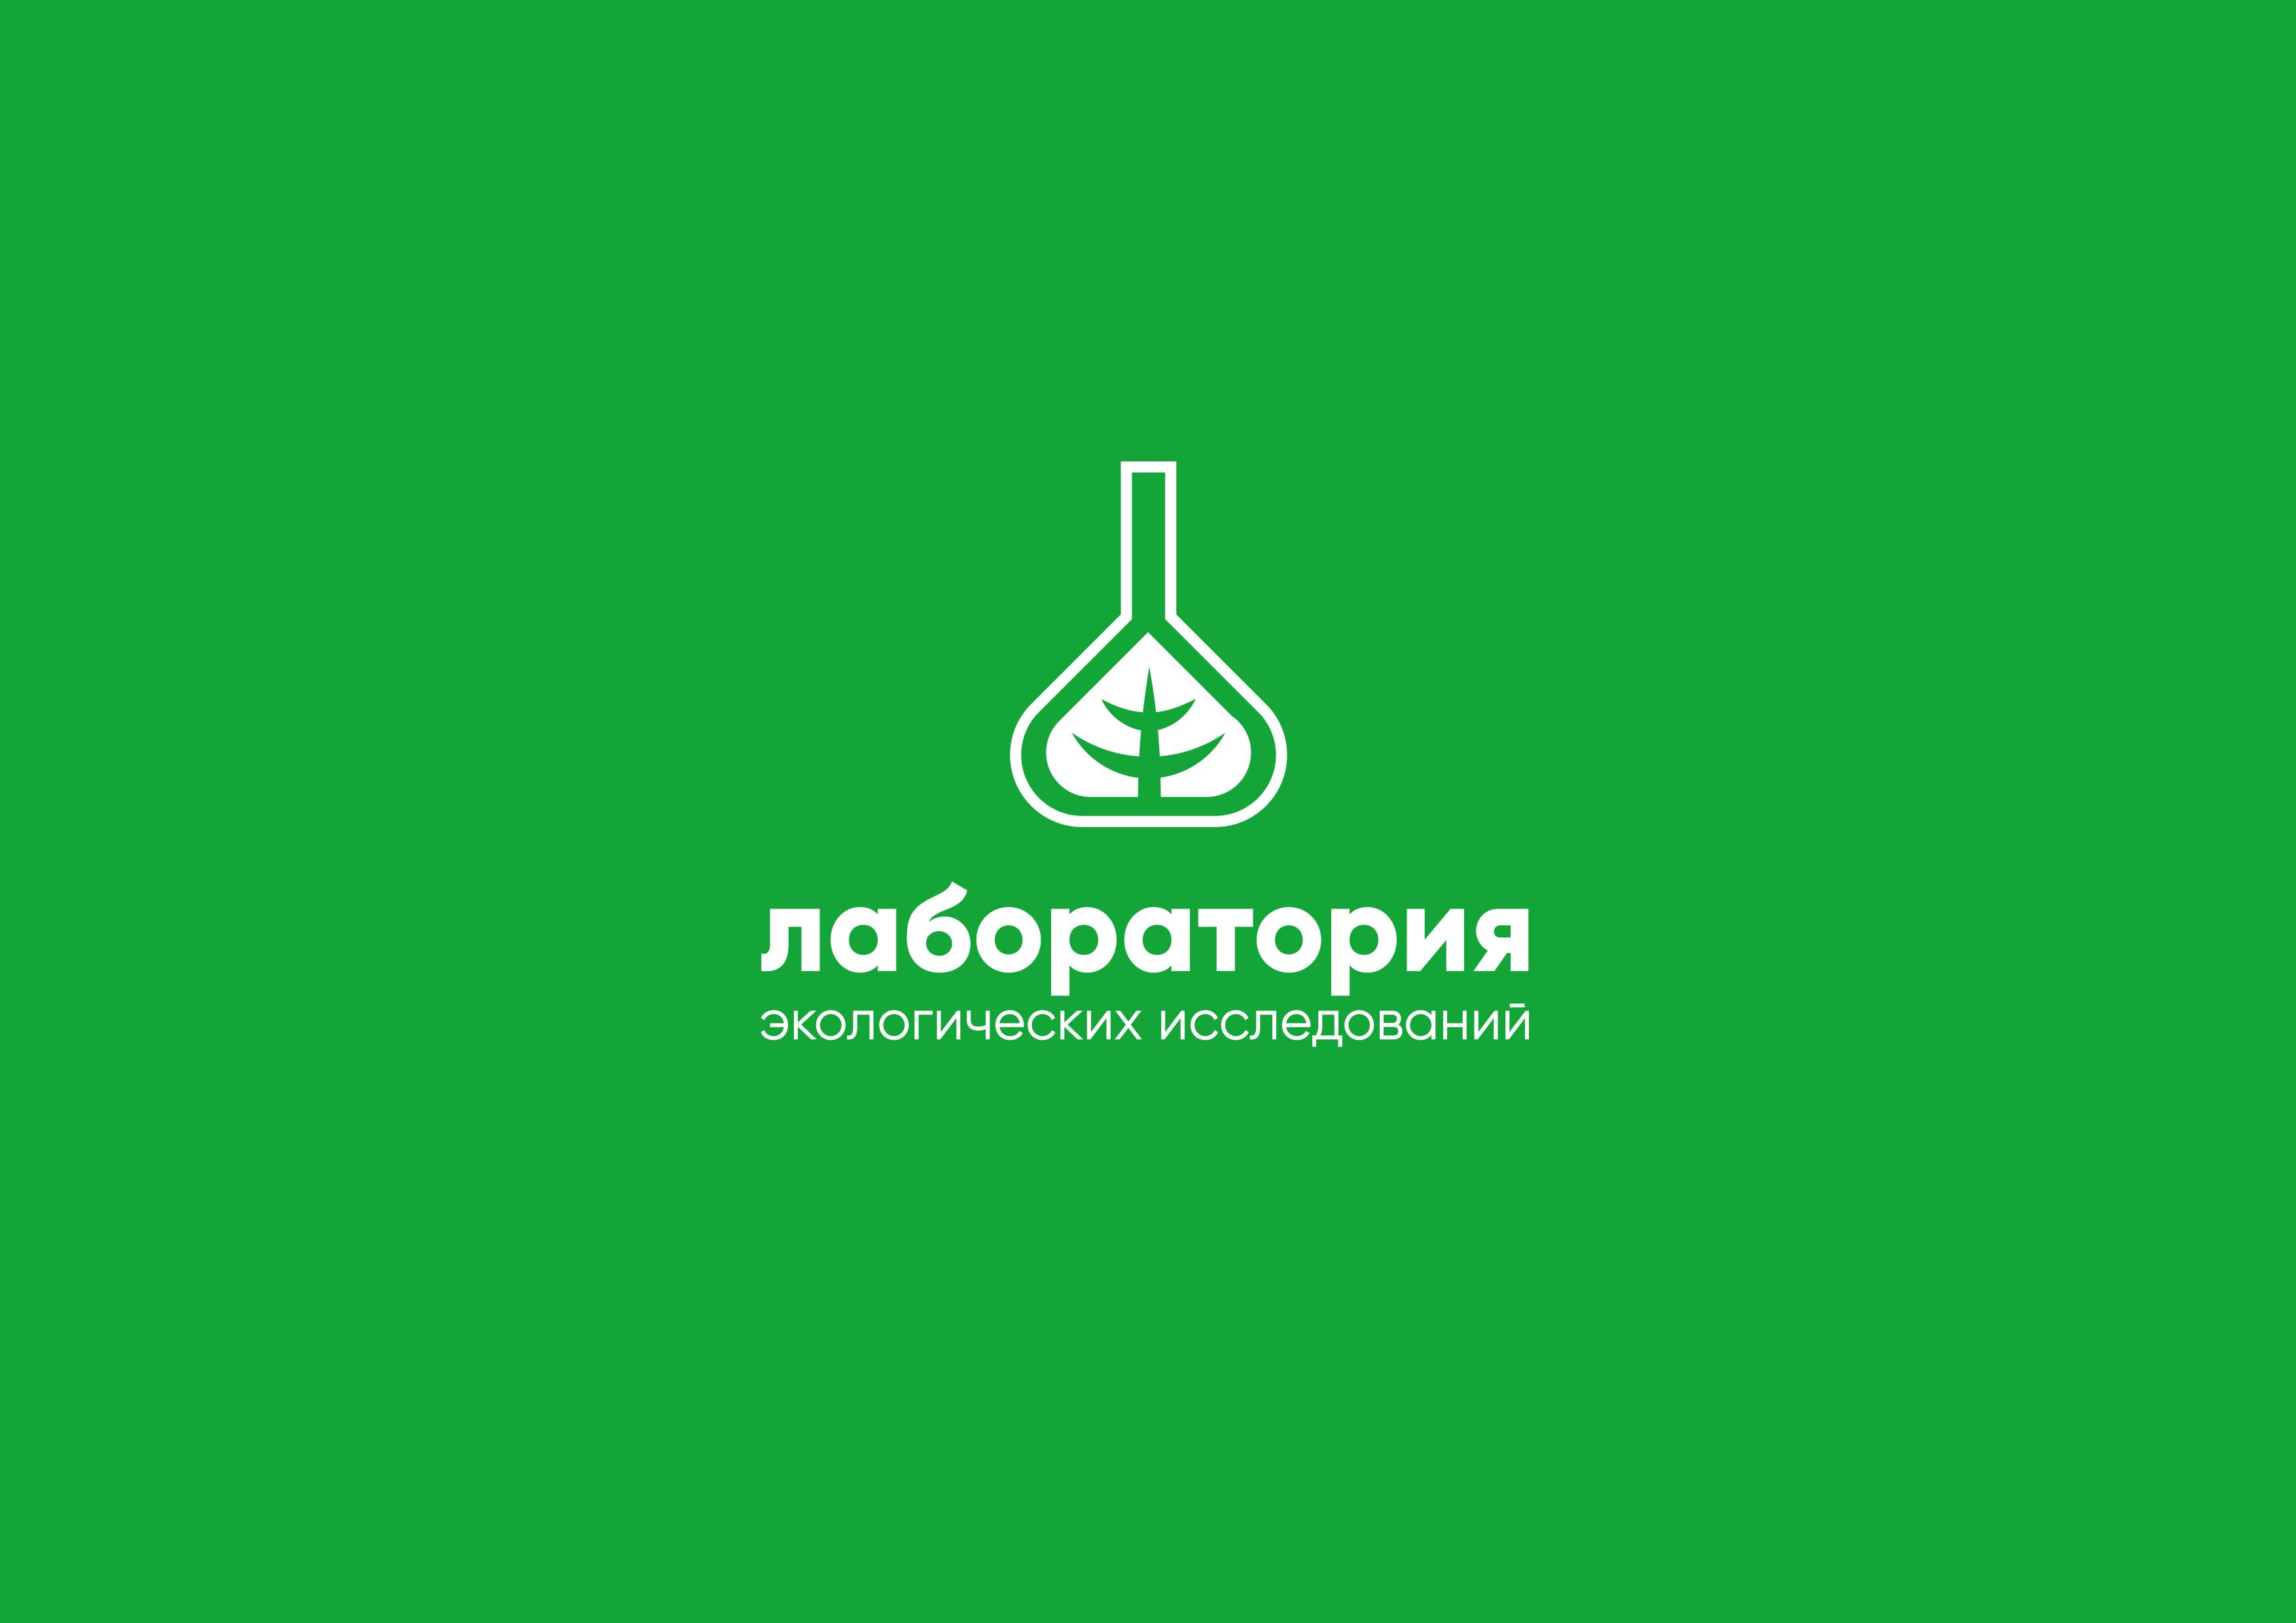 Лаборатория экологических исследований